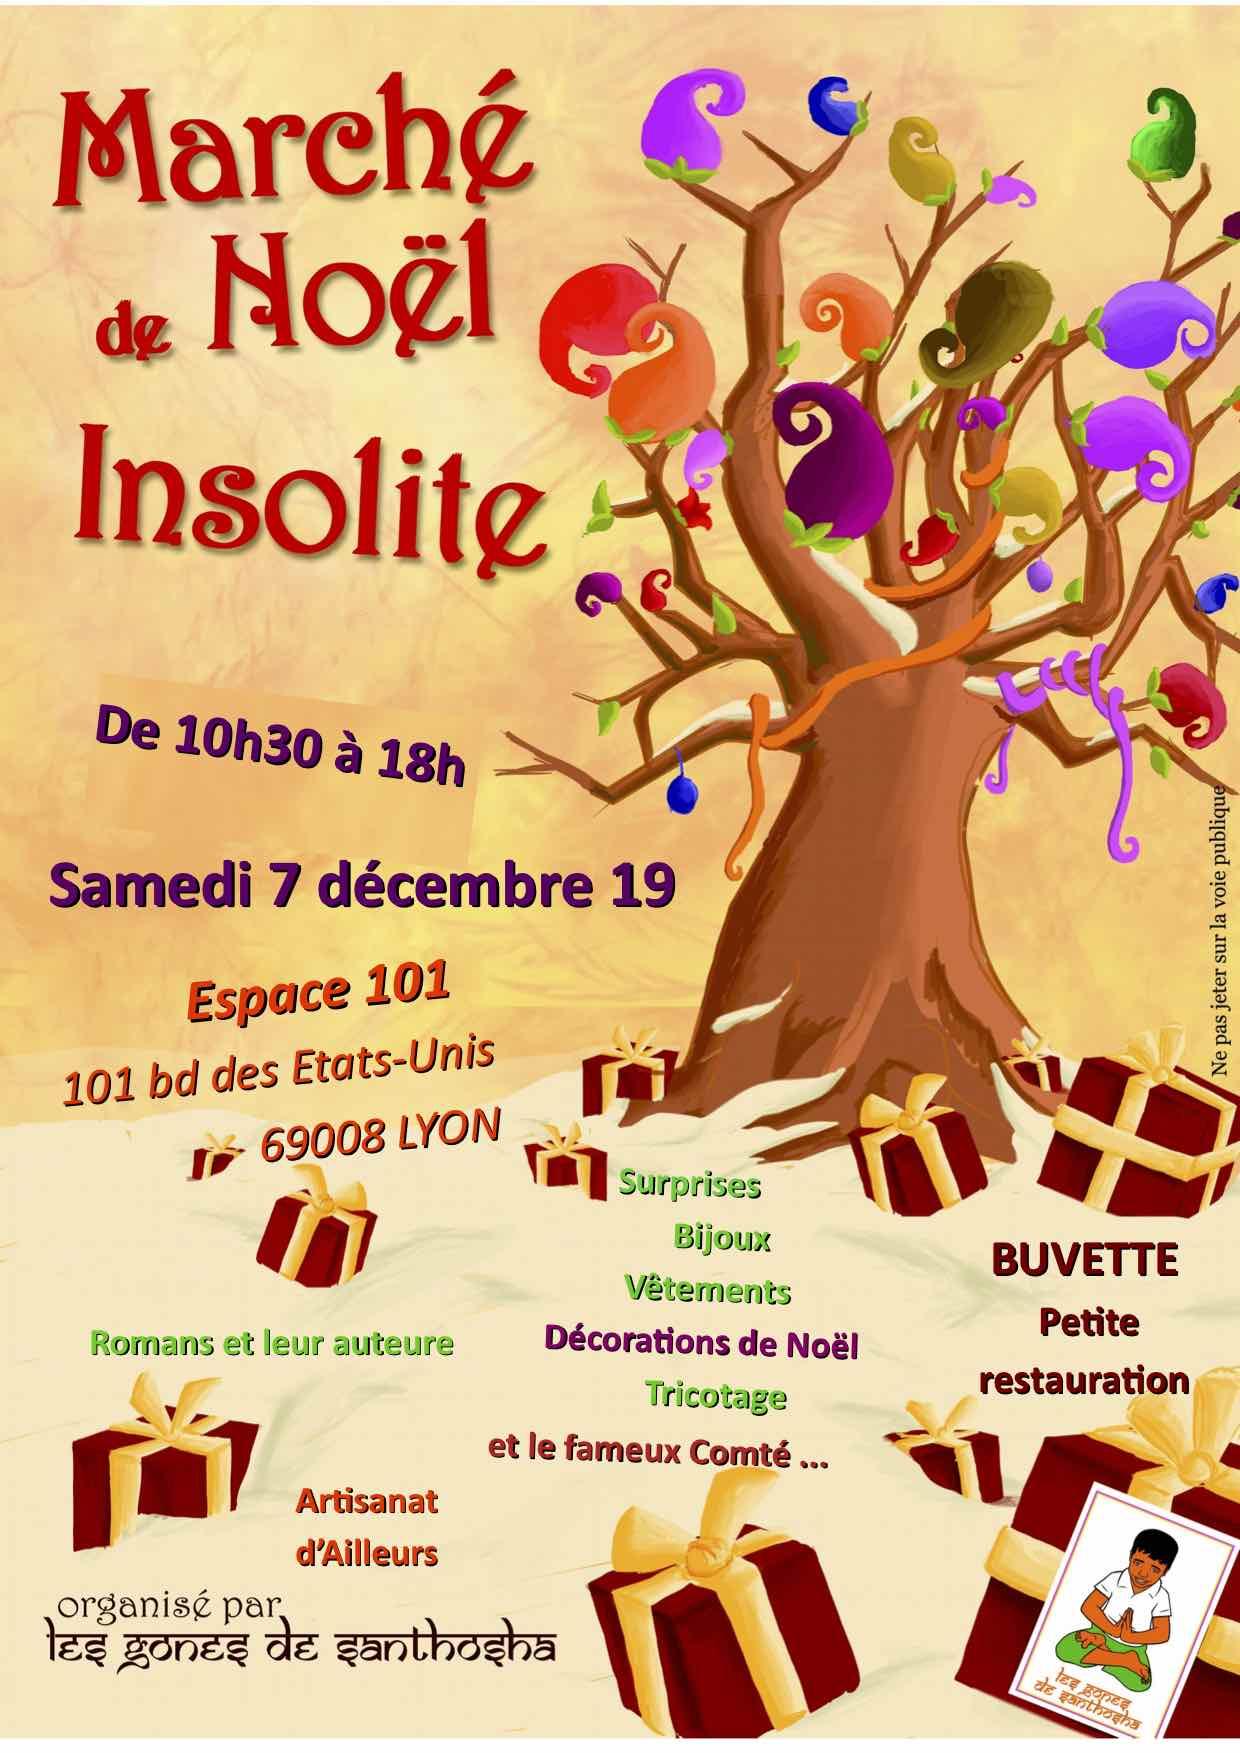 """Marché de Noël insolite avec l'association """"Les Gones de Santhosha"""""""